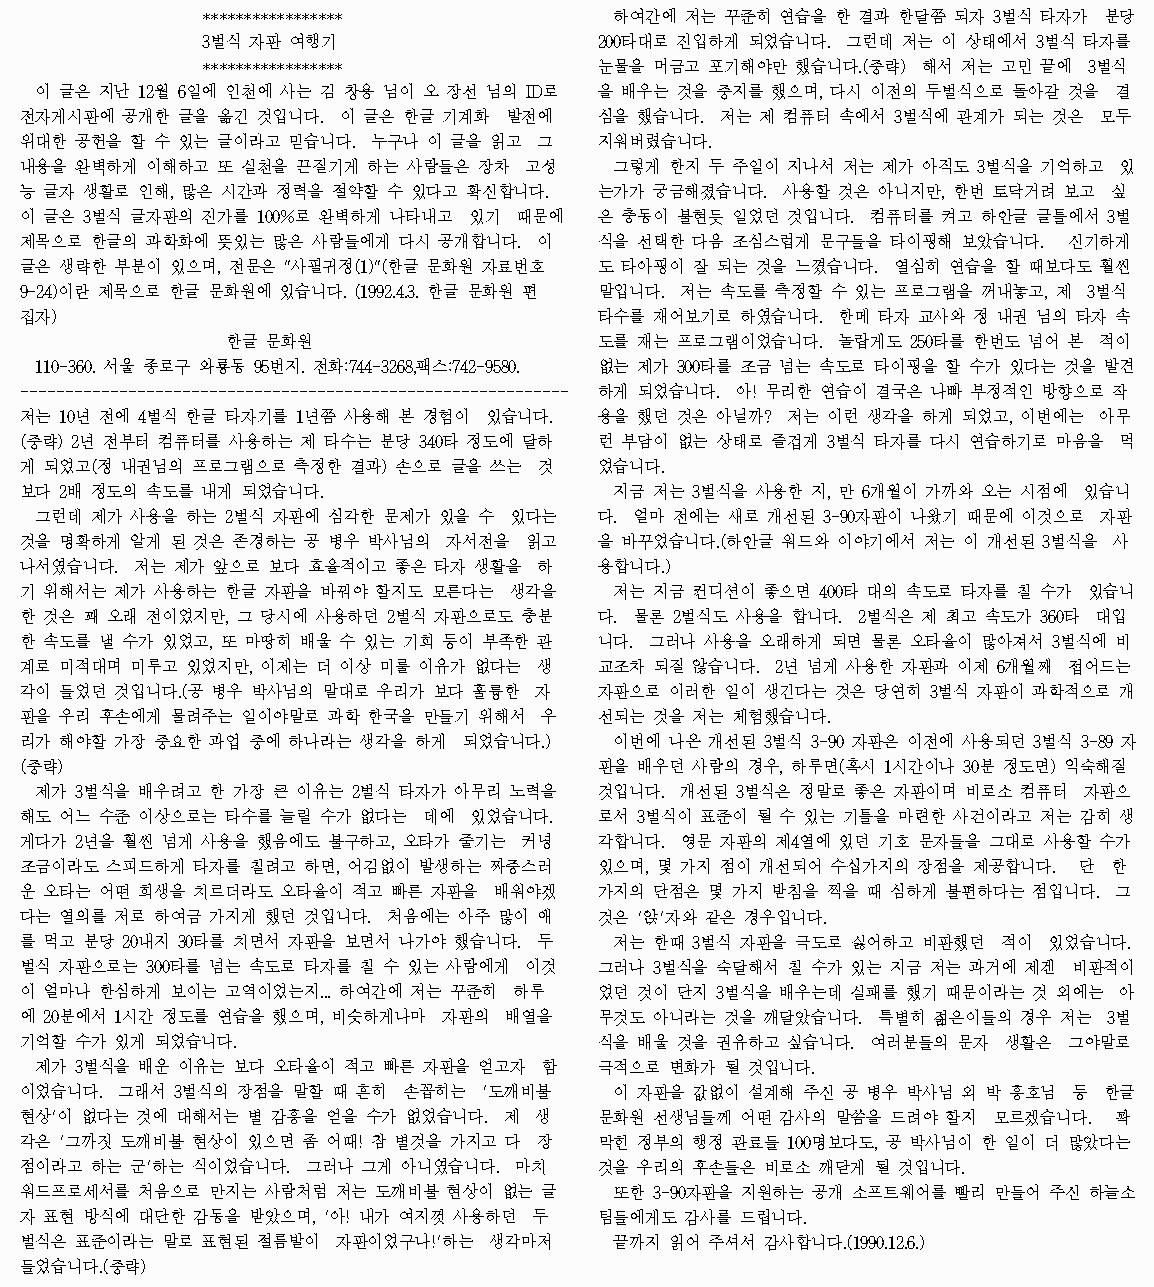 「3벌식 자판 여행기」, (김창용, 1990.12.6.)